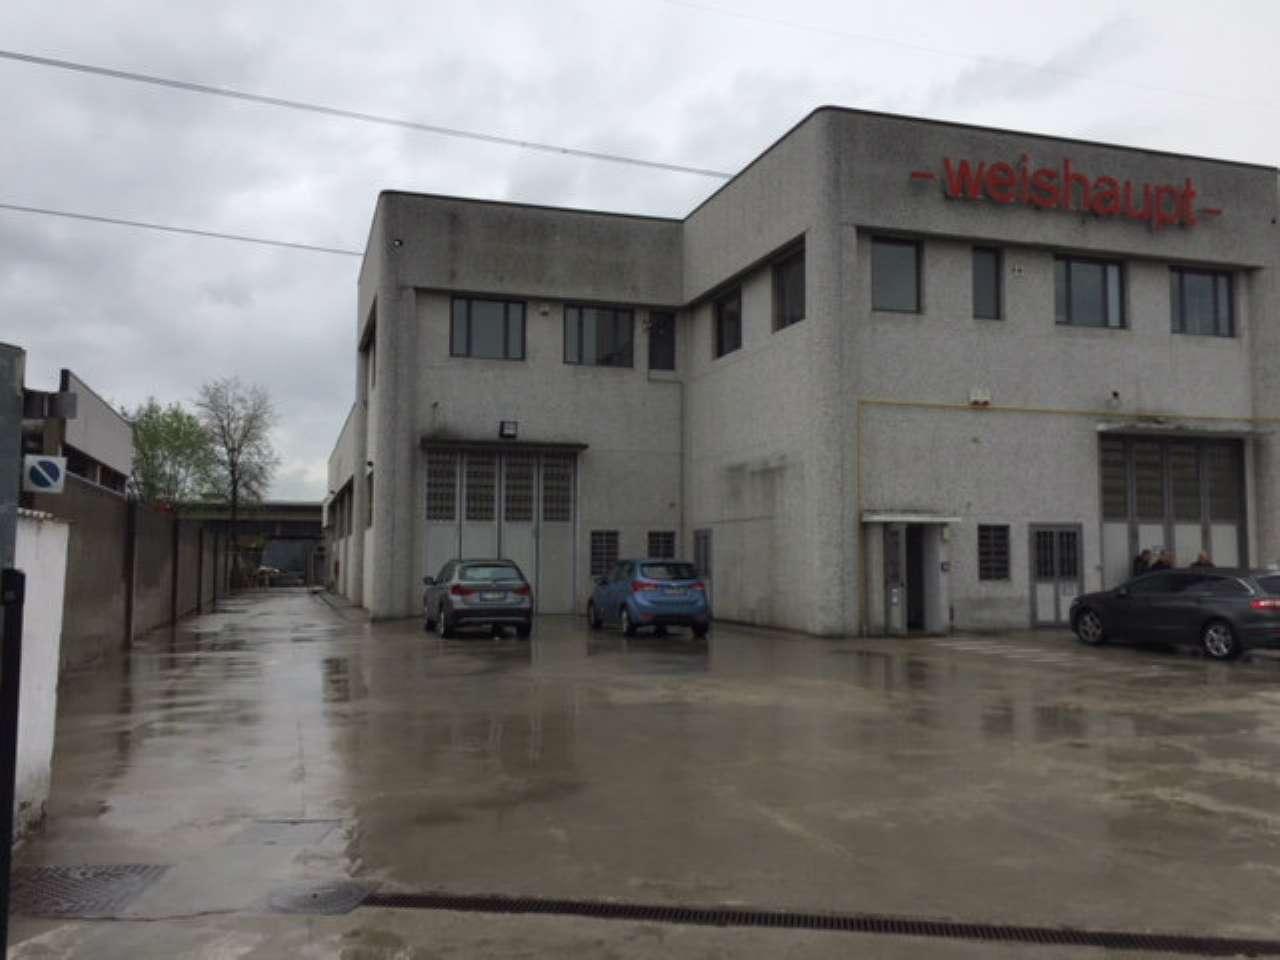 Immagine immobiliare Disponiamo in Nichelino di capannone di 500 mq circa Disponiamo in Nichelino su via Verazzano 30, comodo alla tangenziale, capannone industriale di rappresentanza con copertura in granella, 500 mq circa con area produttiva di 380 mq...